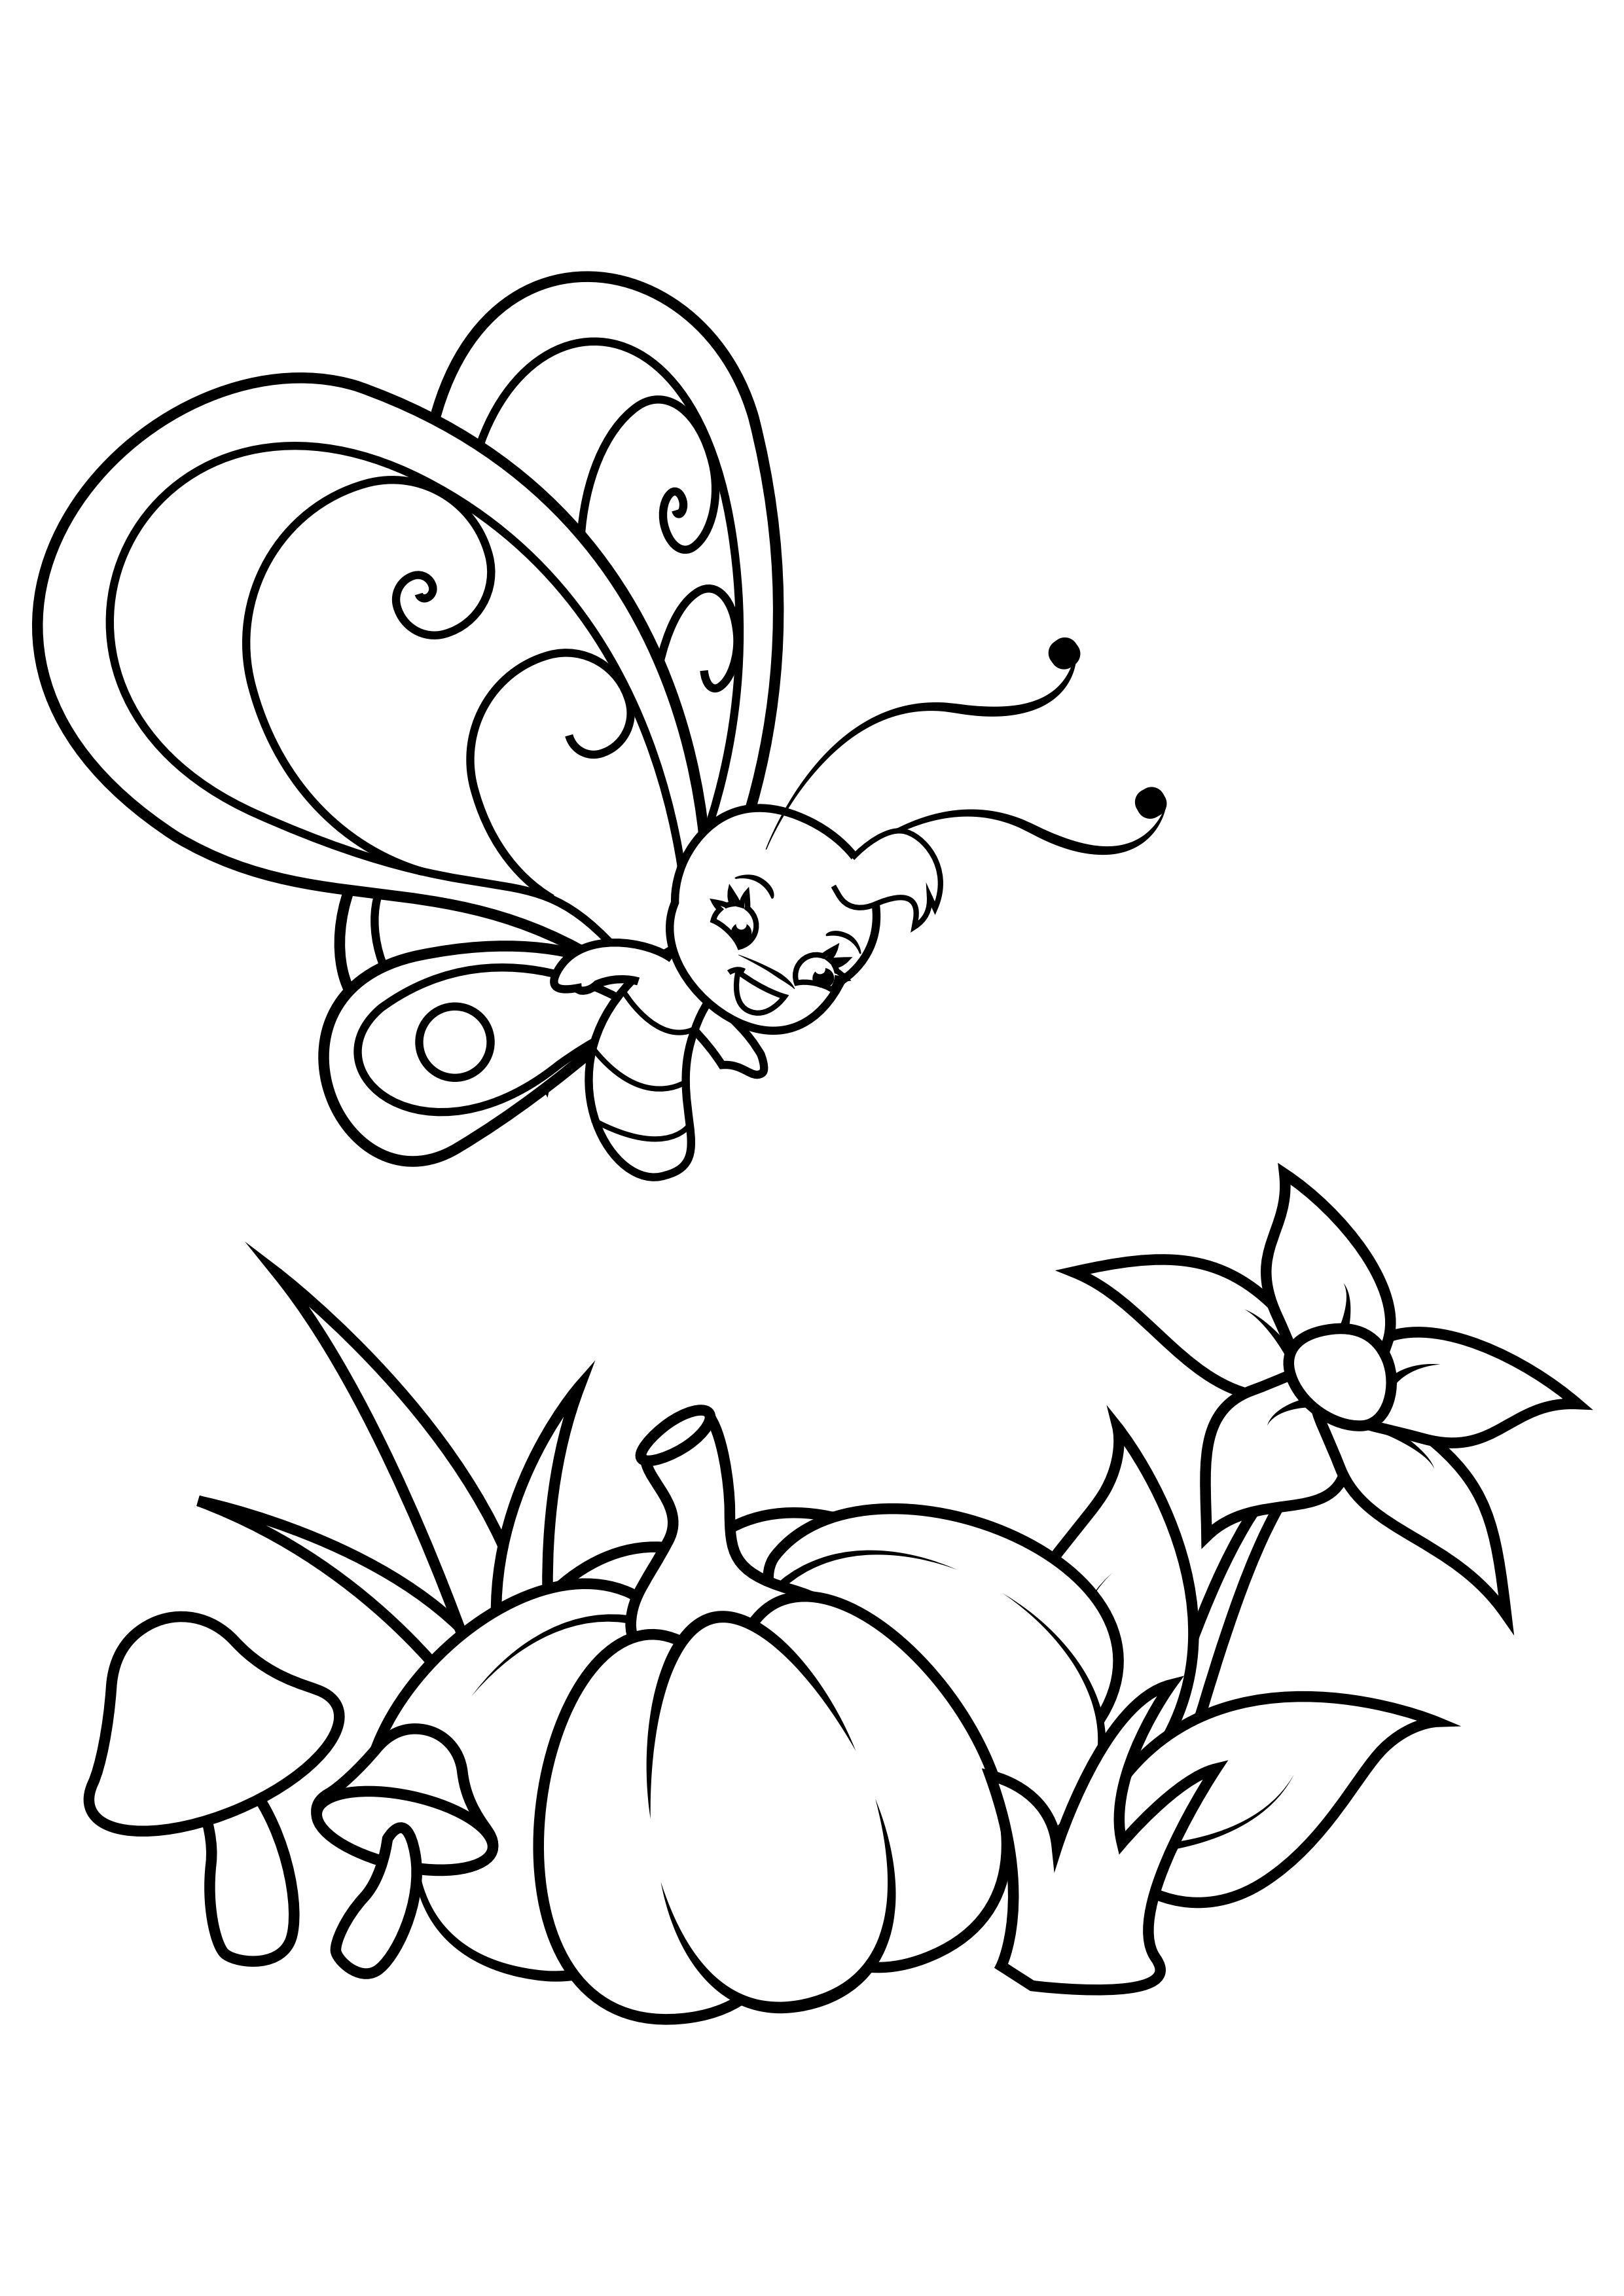 Malvorlage Schmetterling über Blume und Kürbis